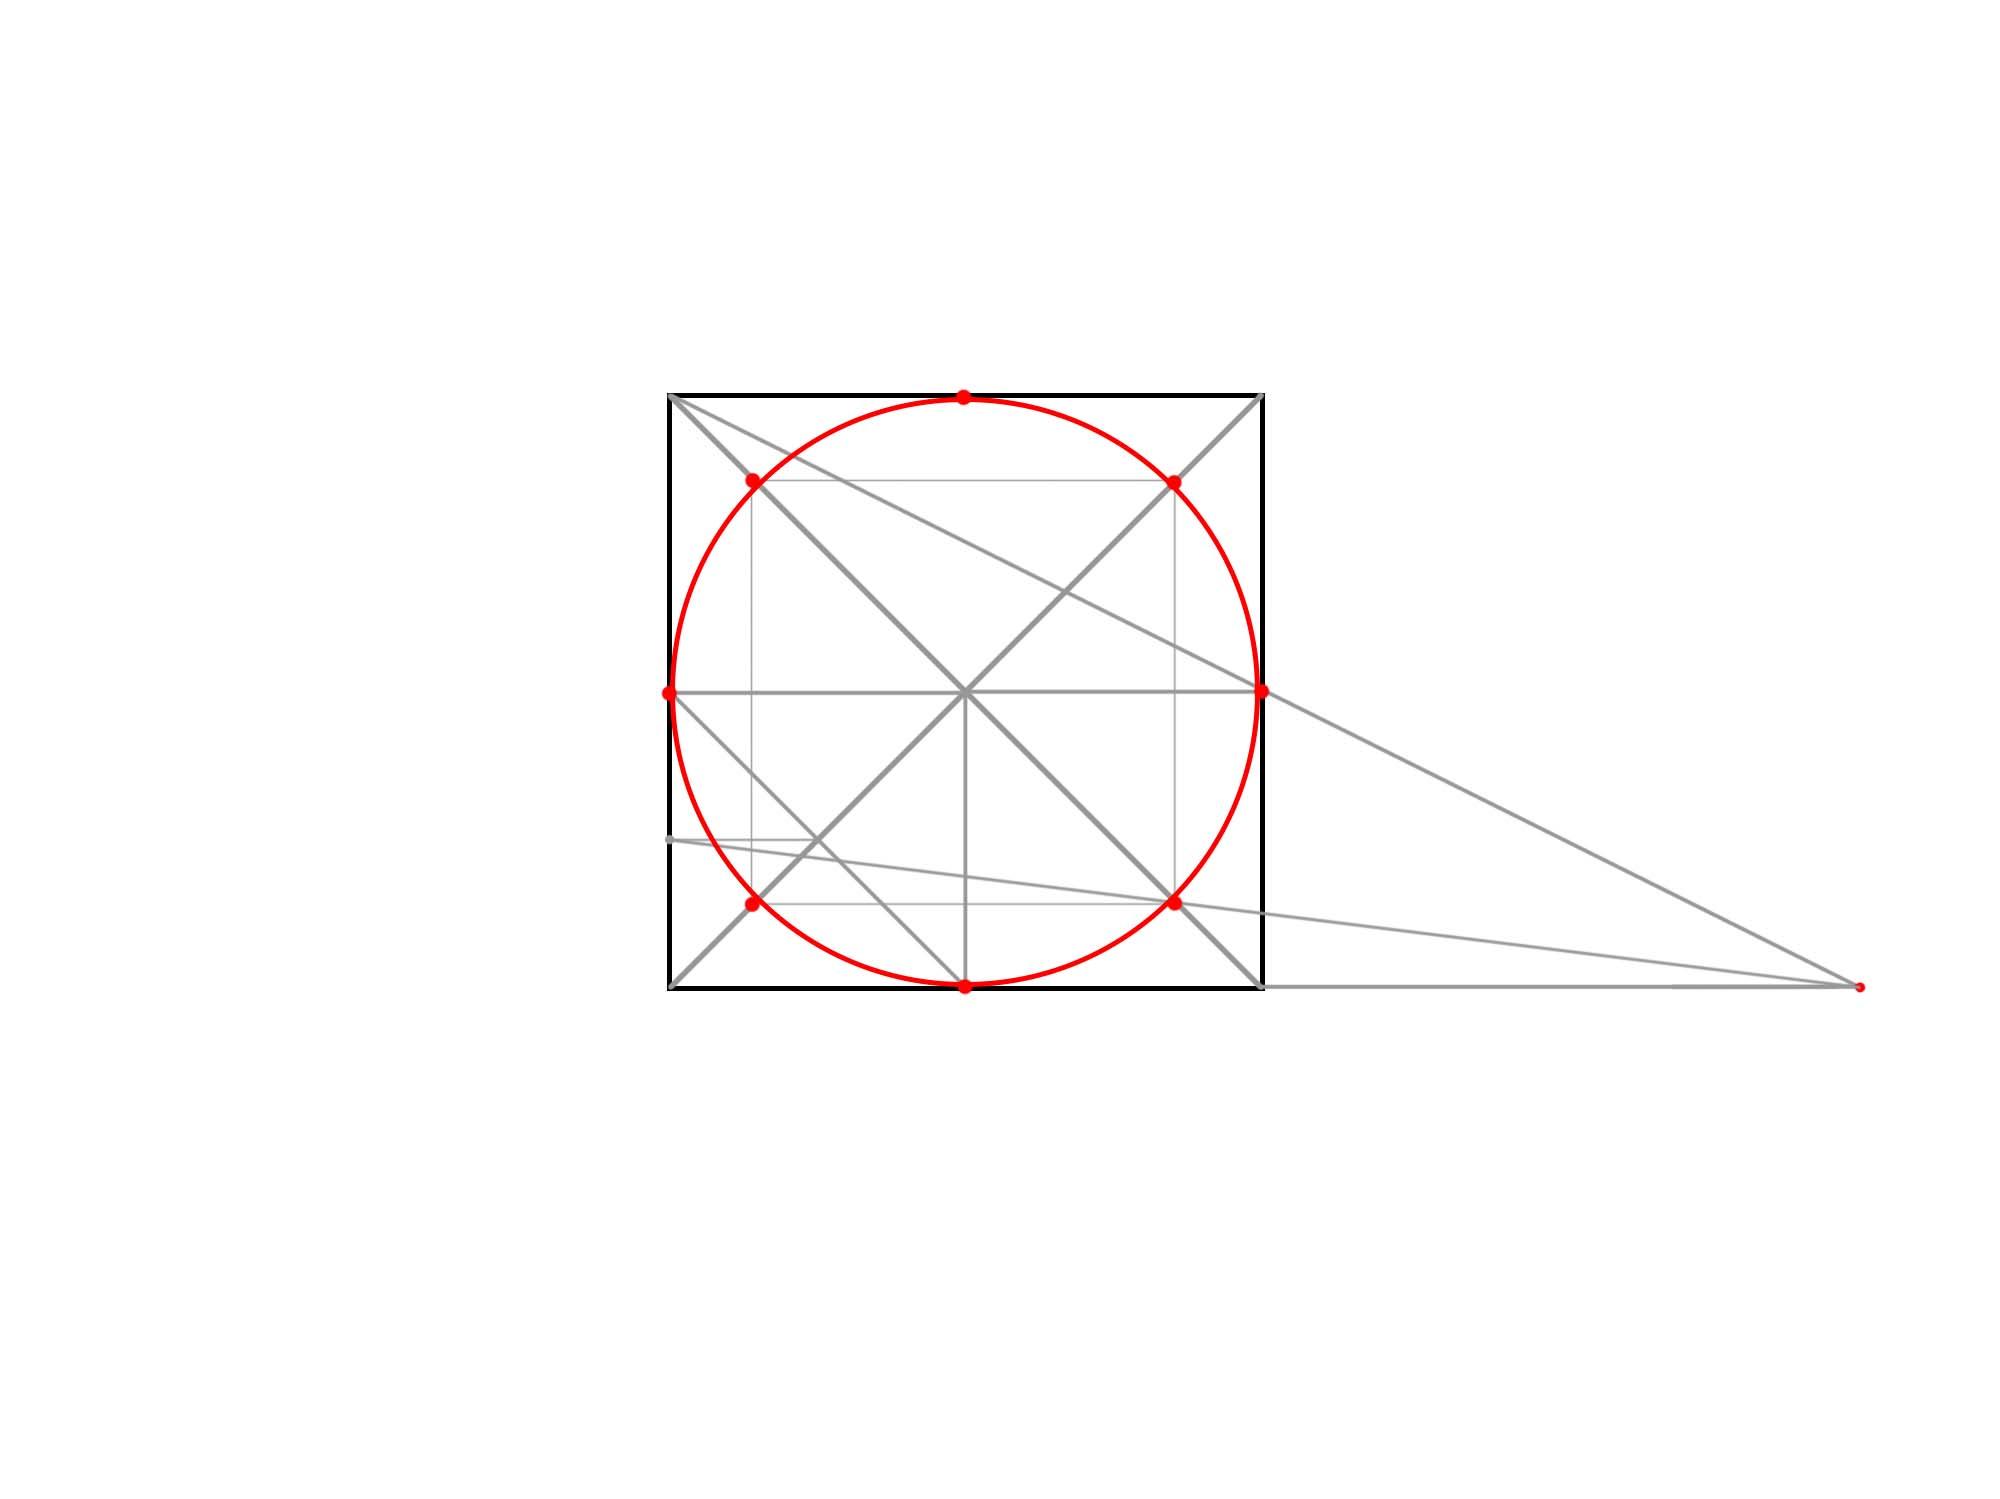 正方形を使って円を描く⑦